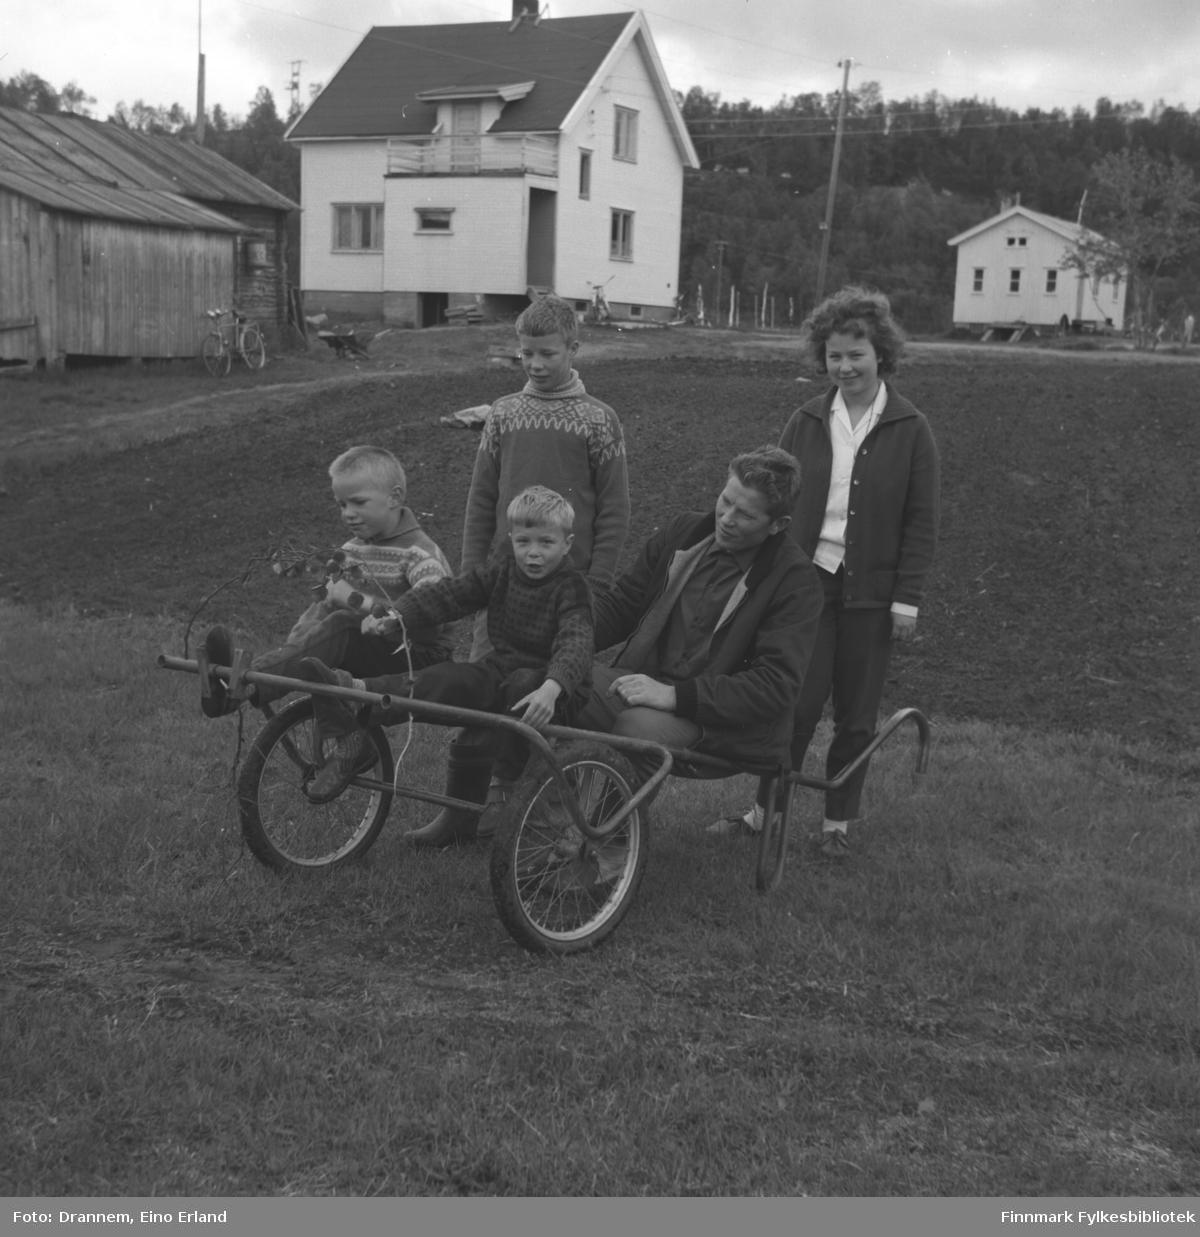 Tre gutter, i tillegg til Oskar Karikoski og Turid Karikoski, på og rundt en vogn.